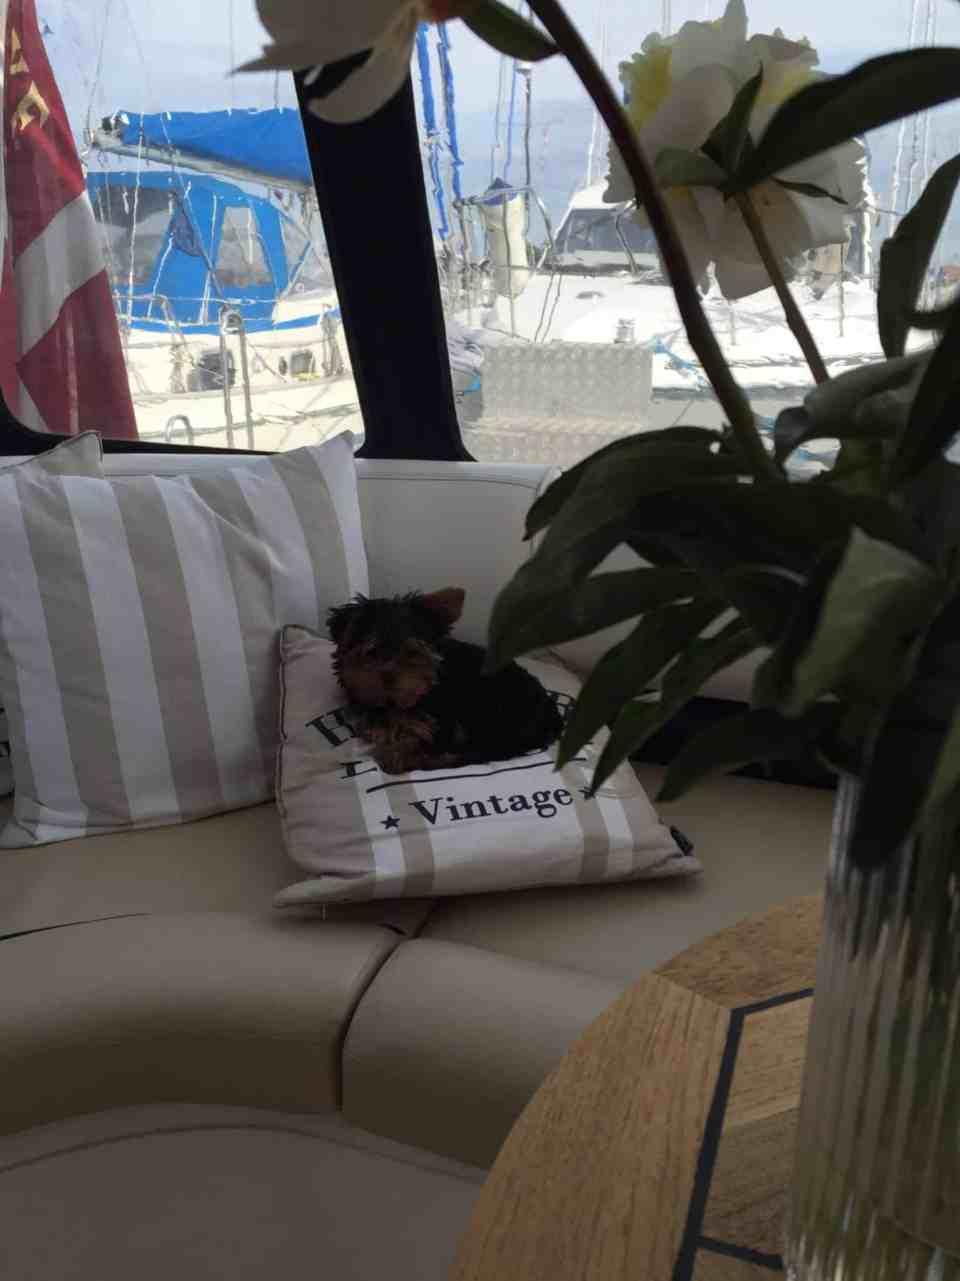 Skibshunden Bobo vokser, men er stadig ikke stor nok...